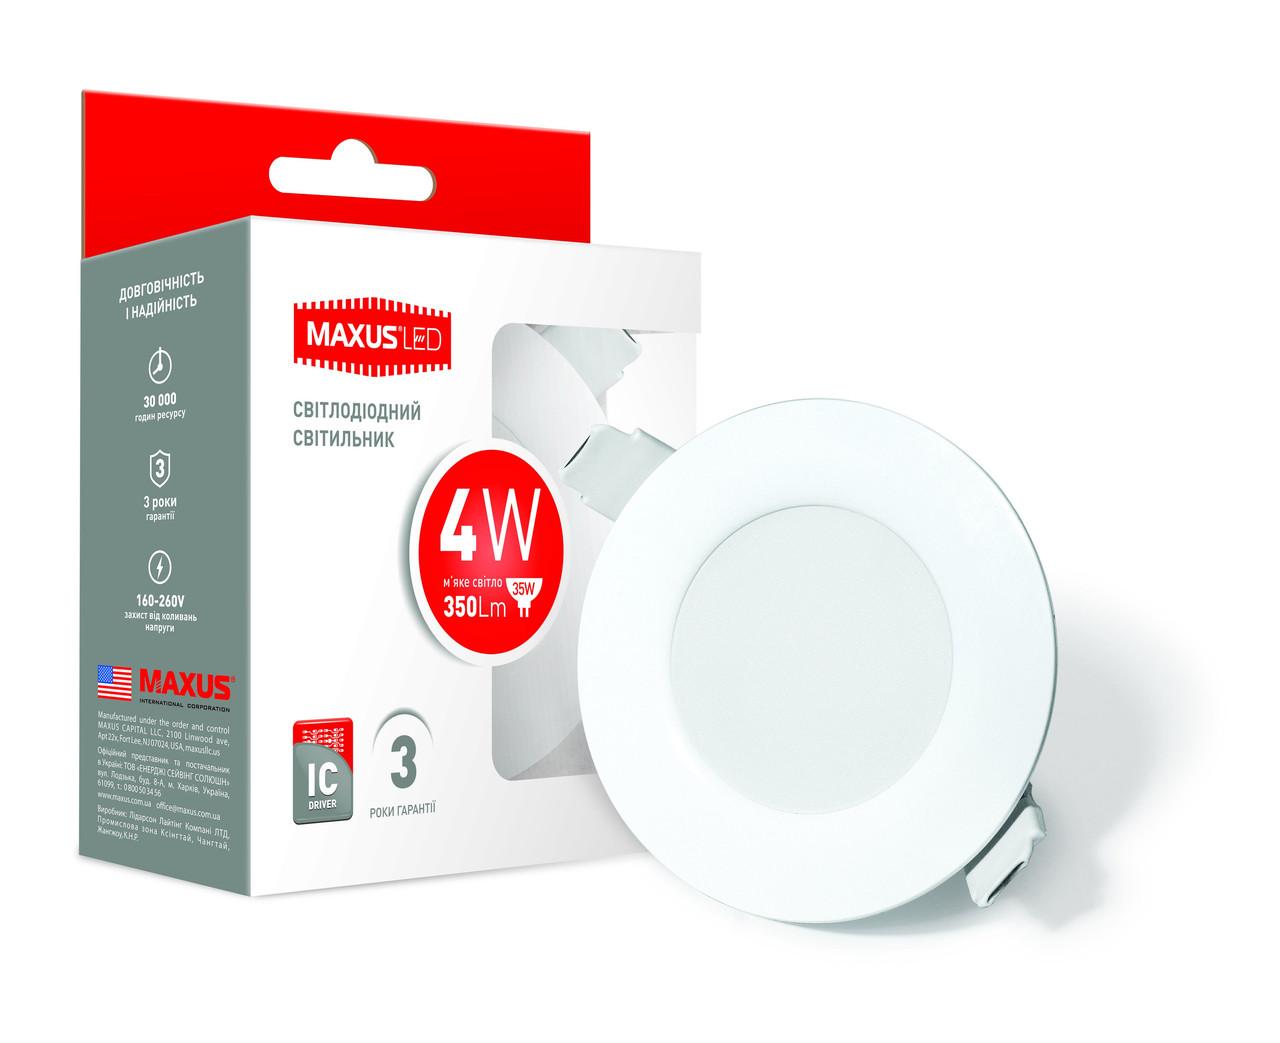 Світлодіодний світильник точковий MAXUS LED SDL mini 4W 4100K (1-SDL-002-01)